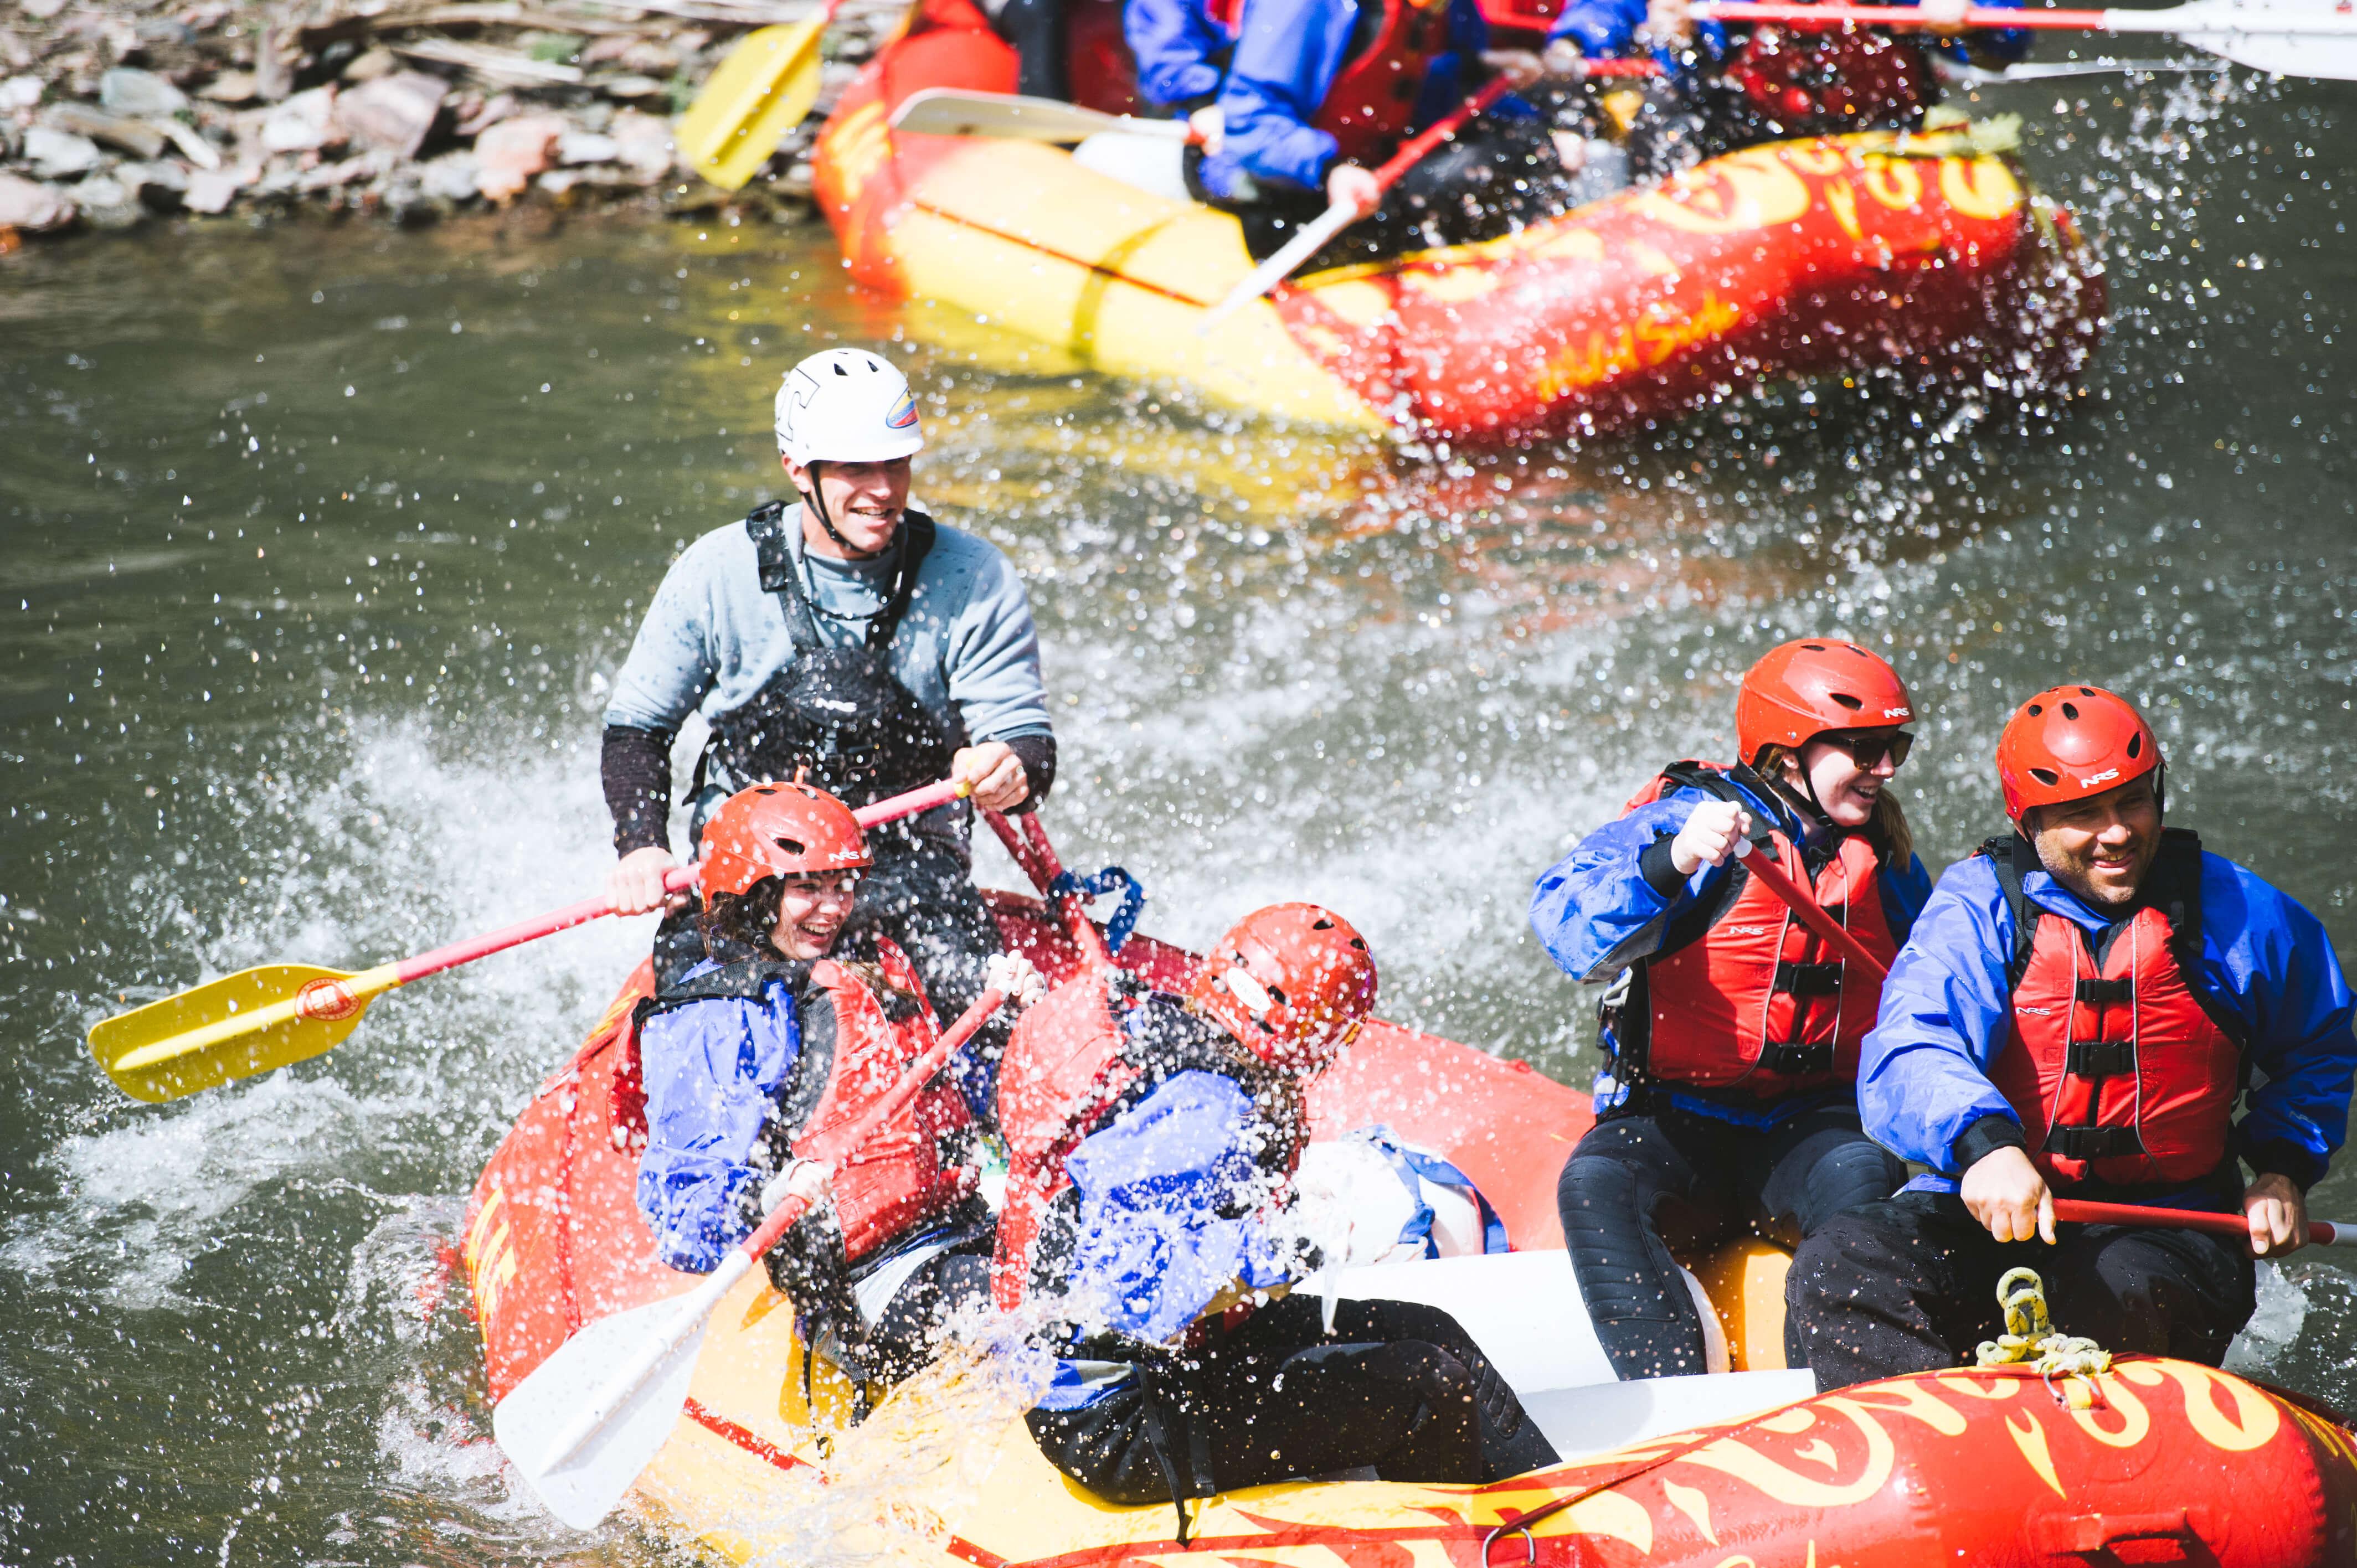 rafting arkansas rapids